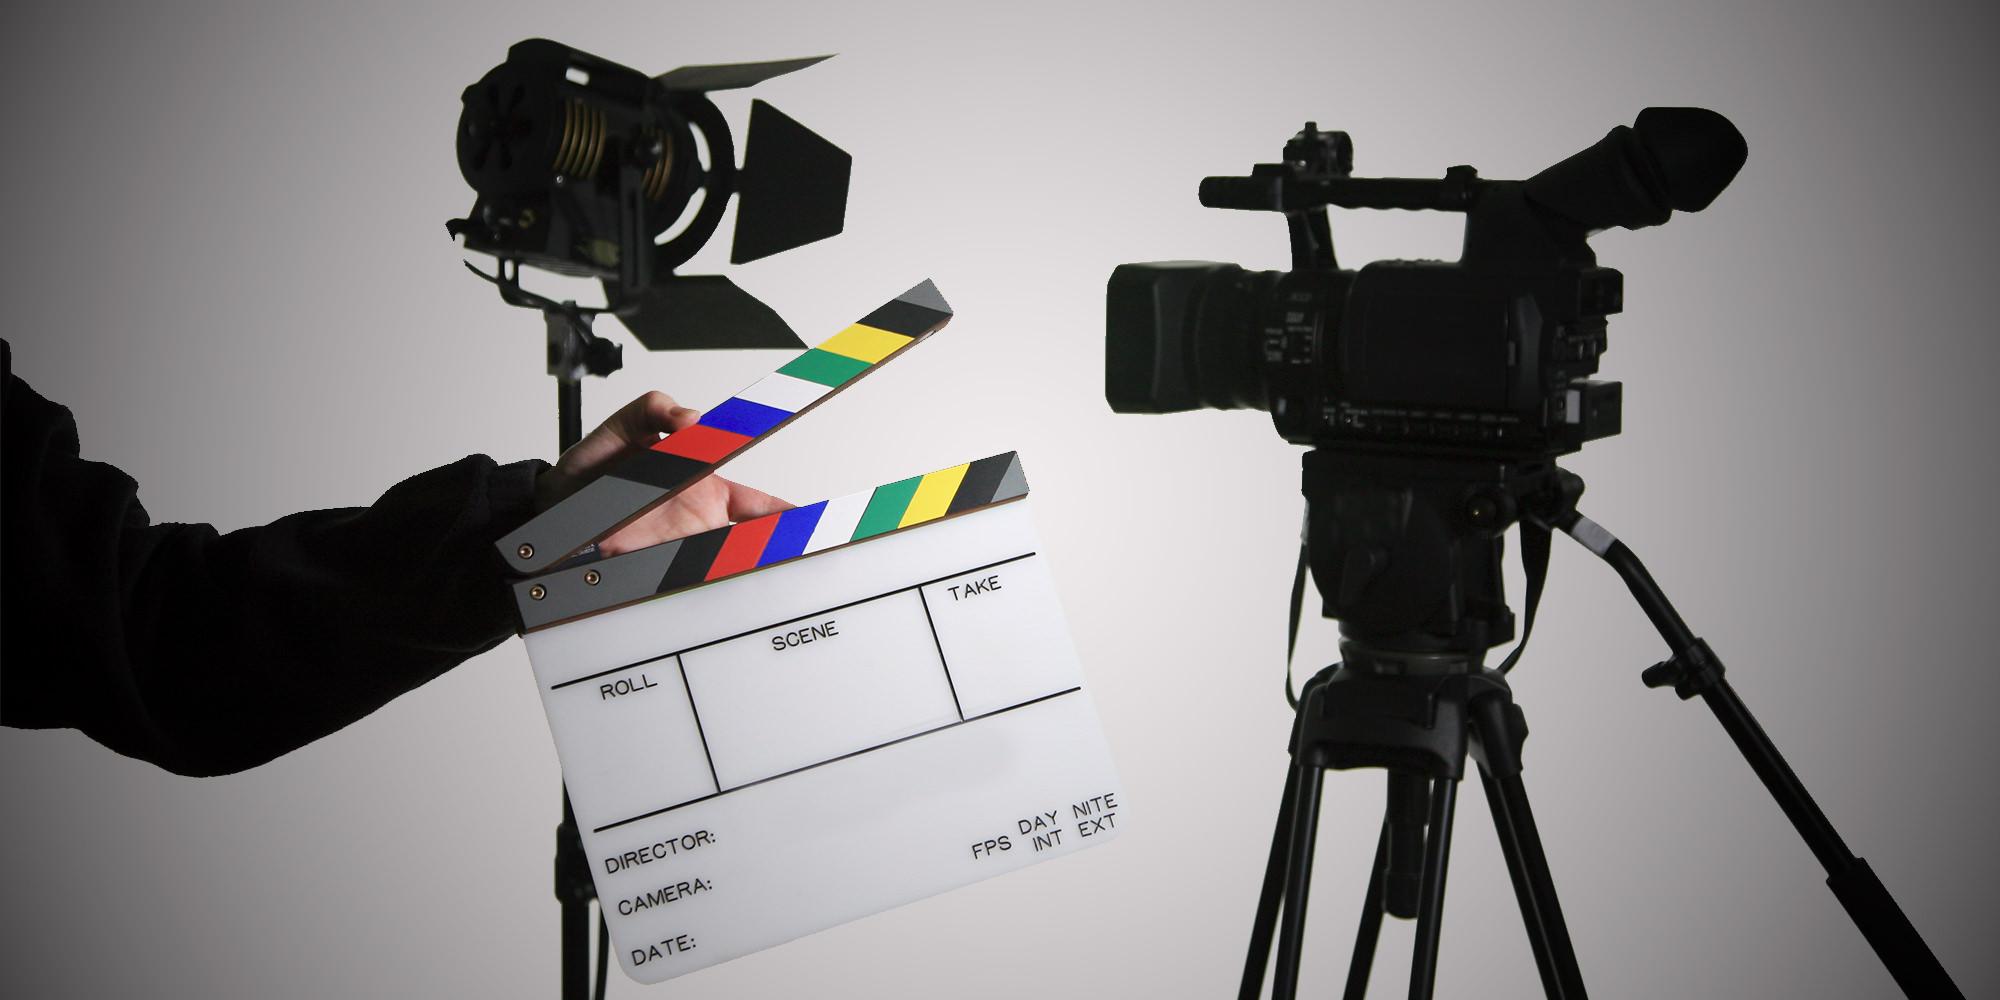 Первые шаги: ранние работы 7 мастеров кино